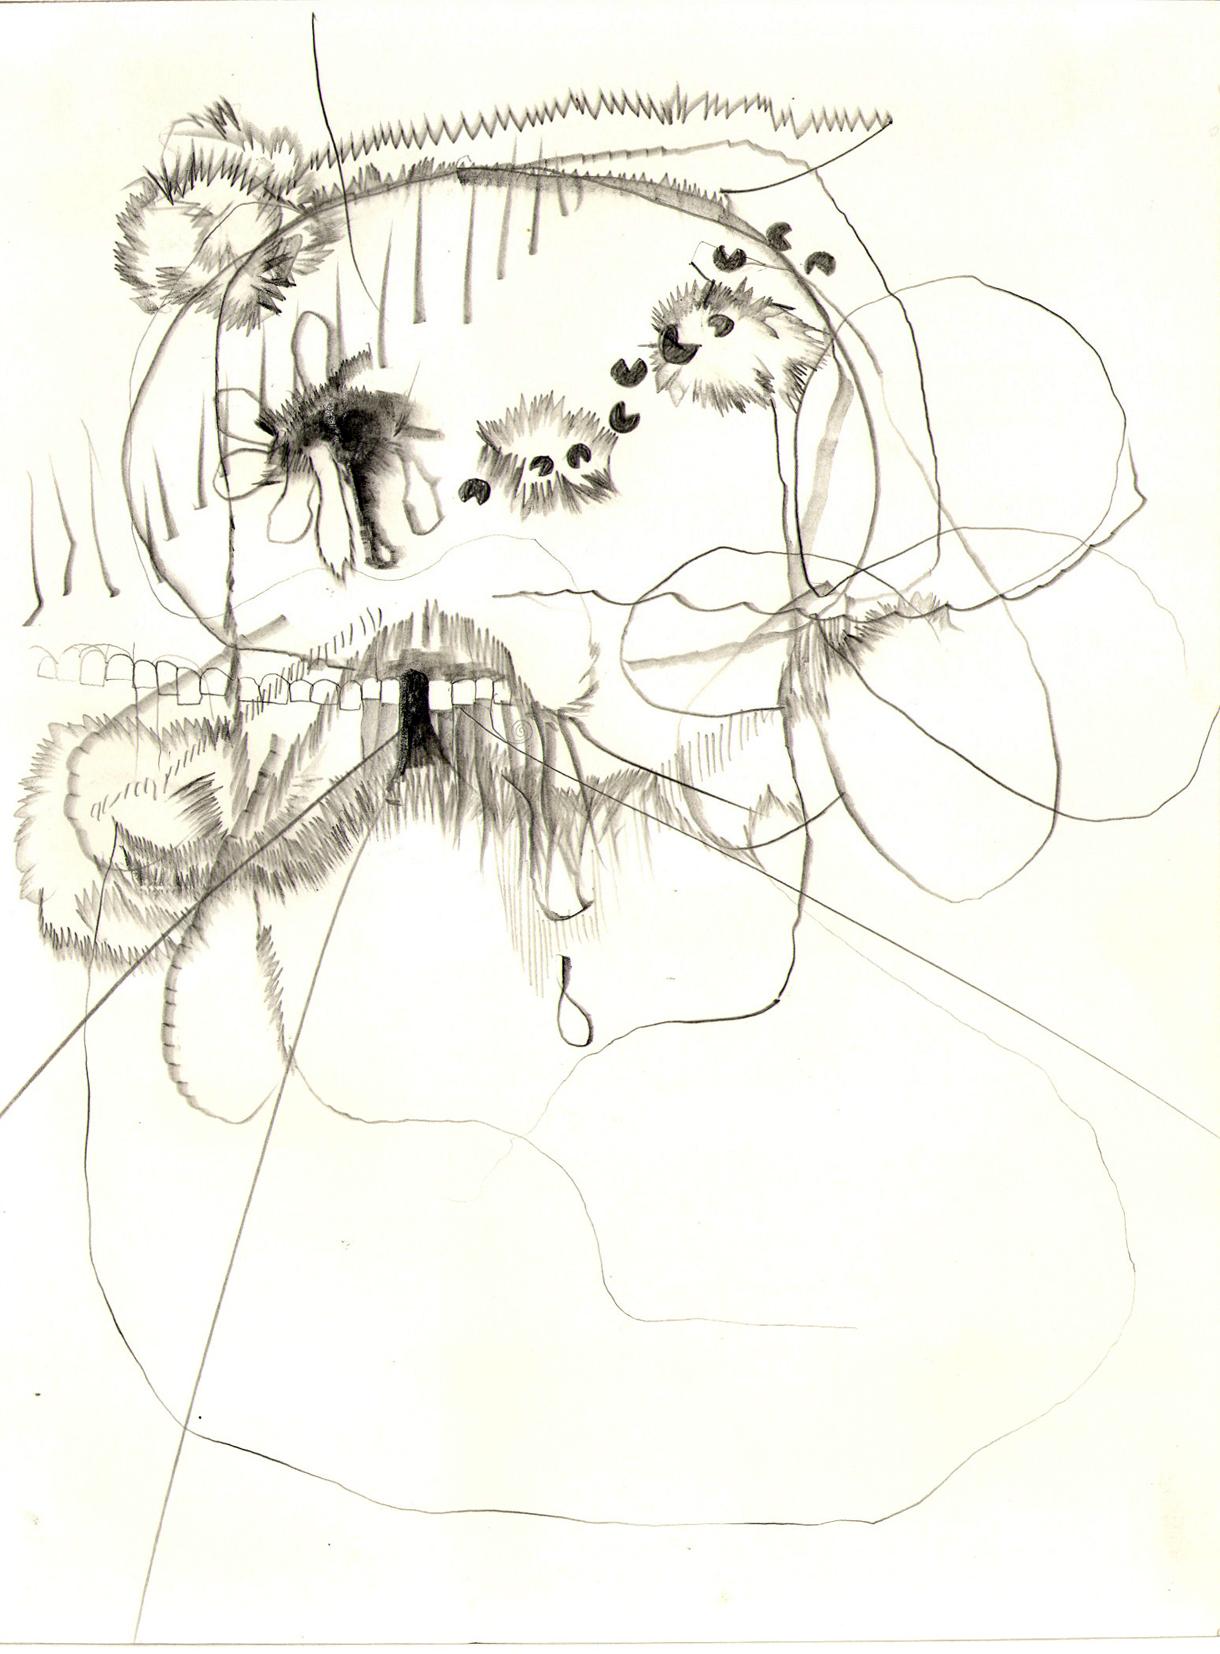 O.T. ( schnr mk ), 2007  Bleistift auf Papier, 26.5x35cm